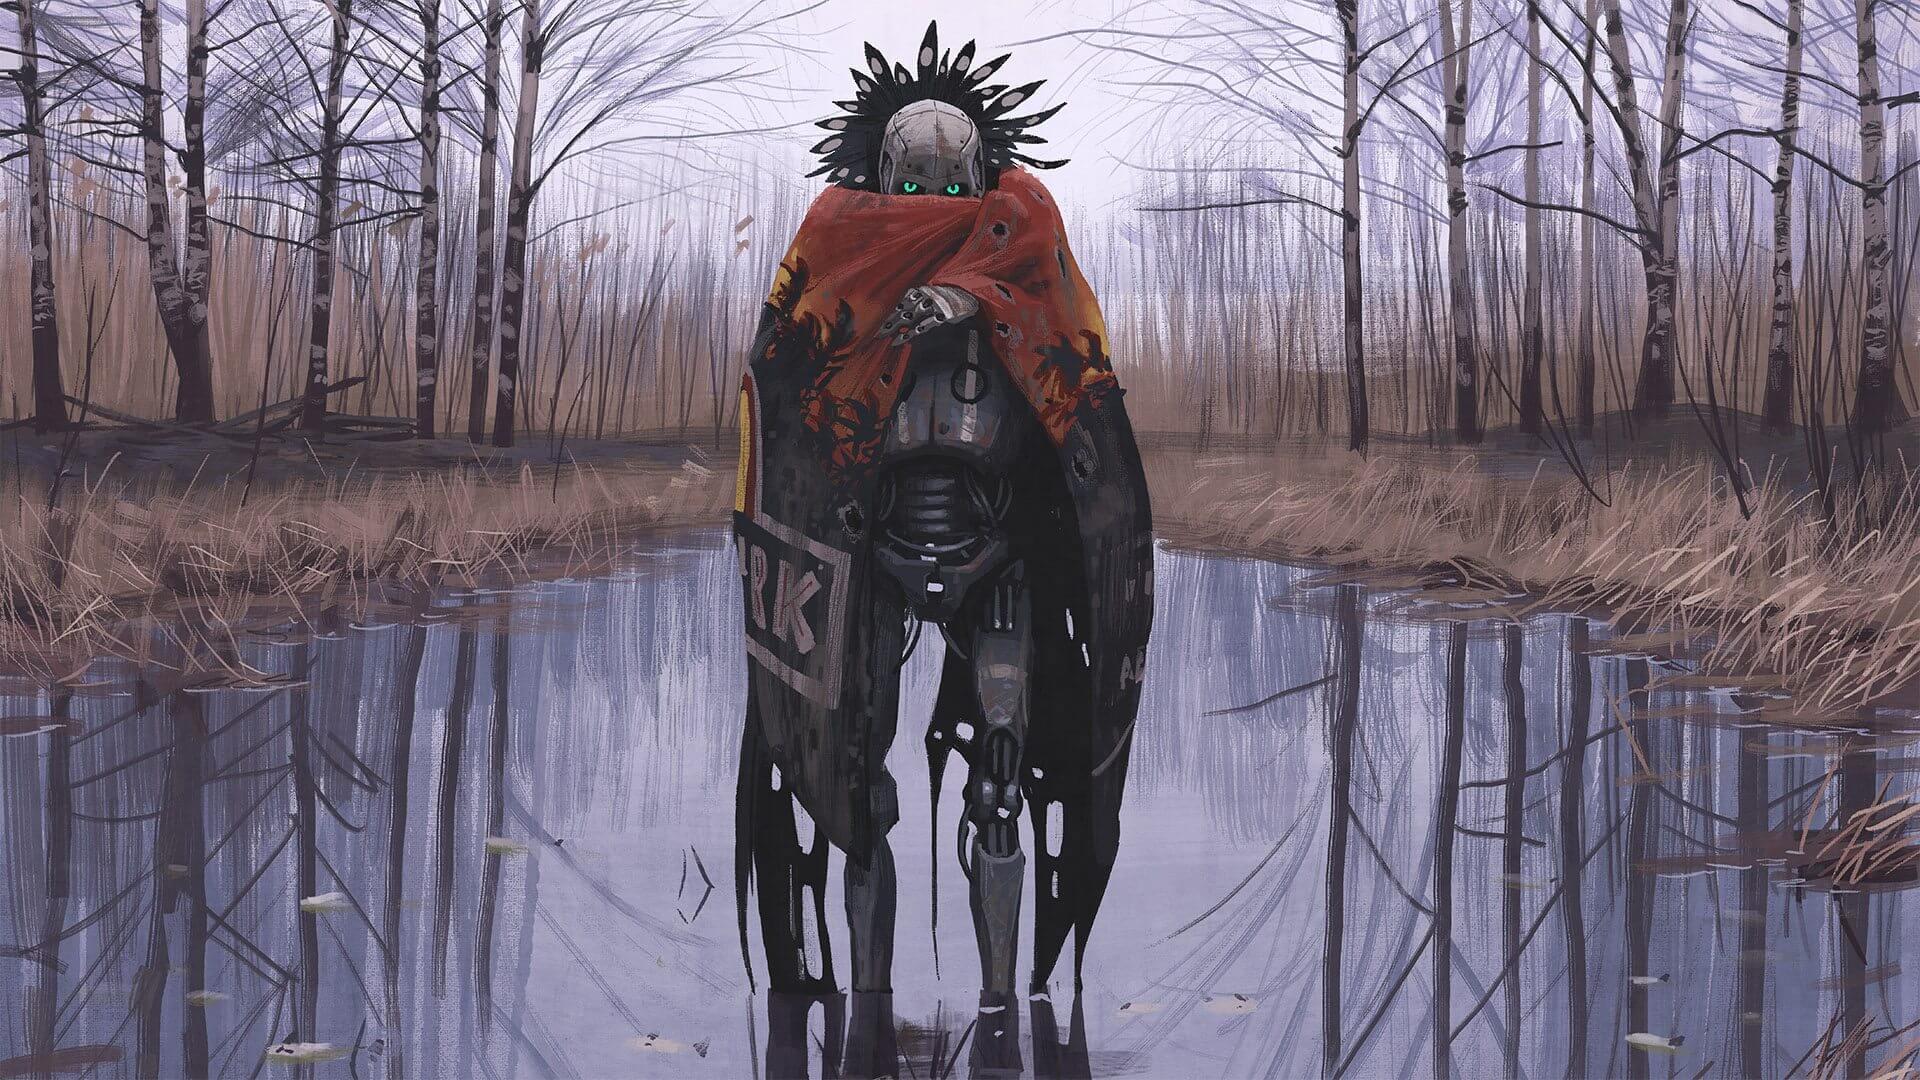 Surreal: artista sueco cria paisagens futurísticas impressionantes. O artista simon stålenhag tem um portfólio incrível de imagens incomuns e cheias de referências a games e ficção científica em geral.